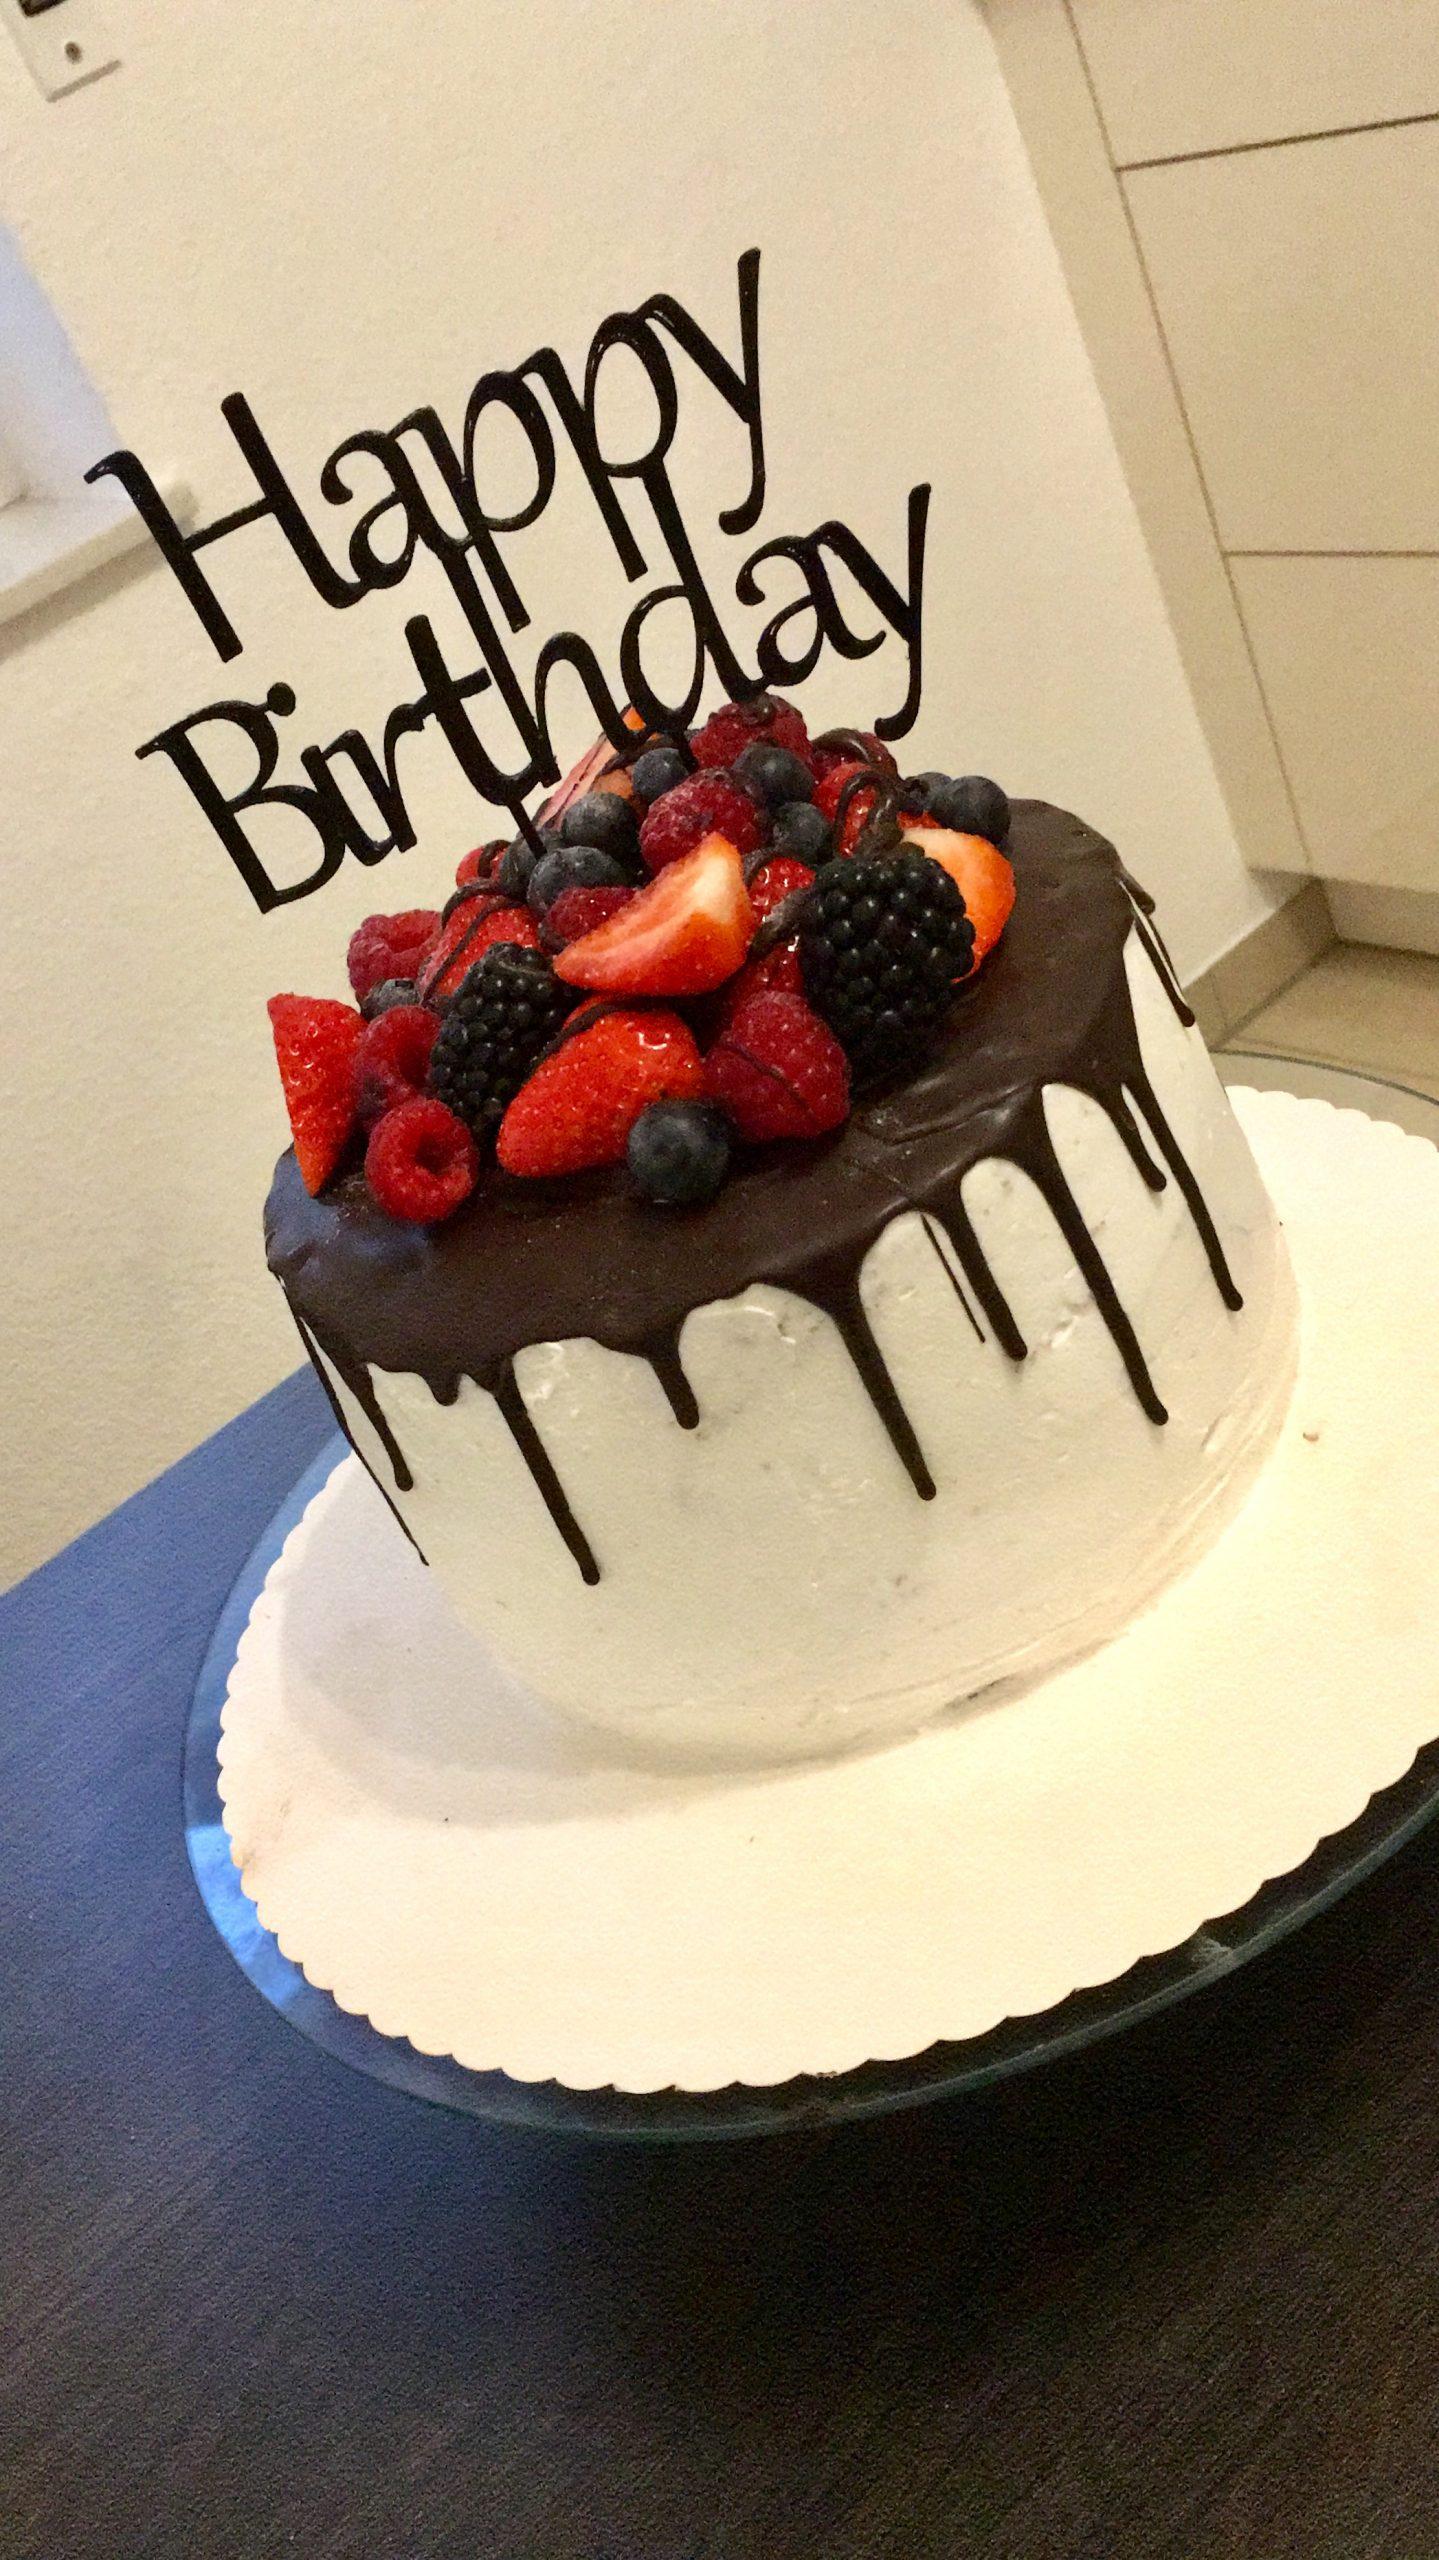 Torten-Topper Happy Birthday Ausgedruckt - Weiß-0100-01-W bestimmt für Torte Happy Birthday